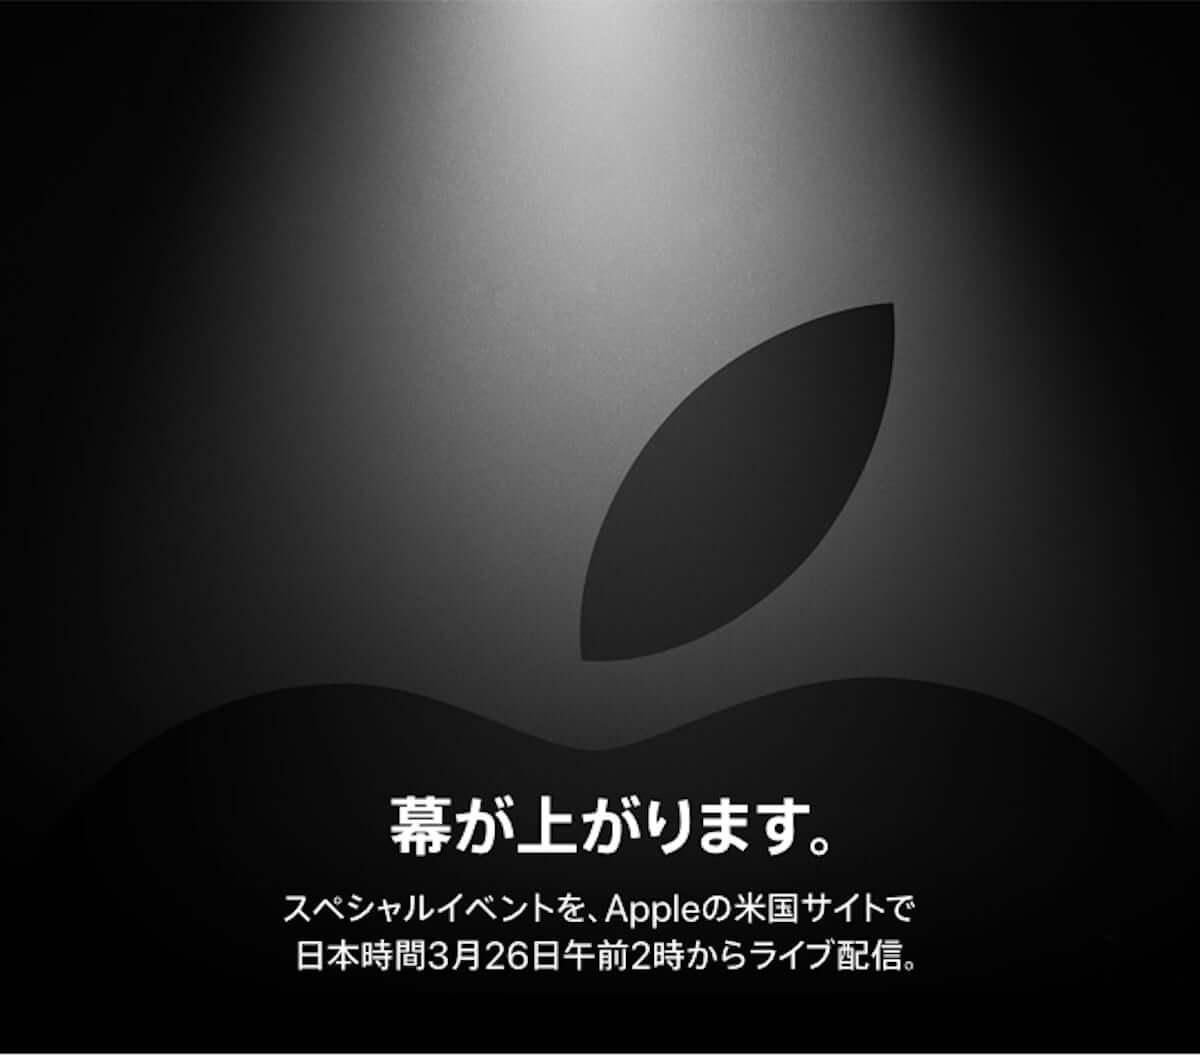 Apple、26日開催のスペシャルイベント<It's show time>を前に秘密でライブ配信?『キャプテン・アメリカ』クリス・エヴァンスの姿も tech190325_apple_1-1200x1056